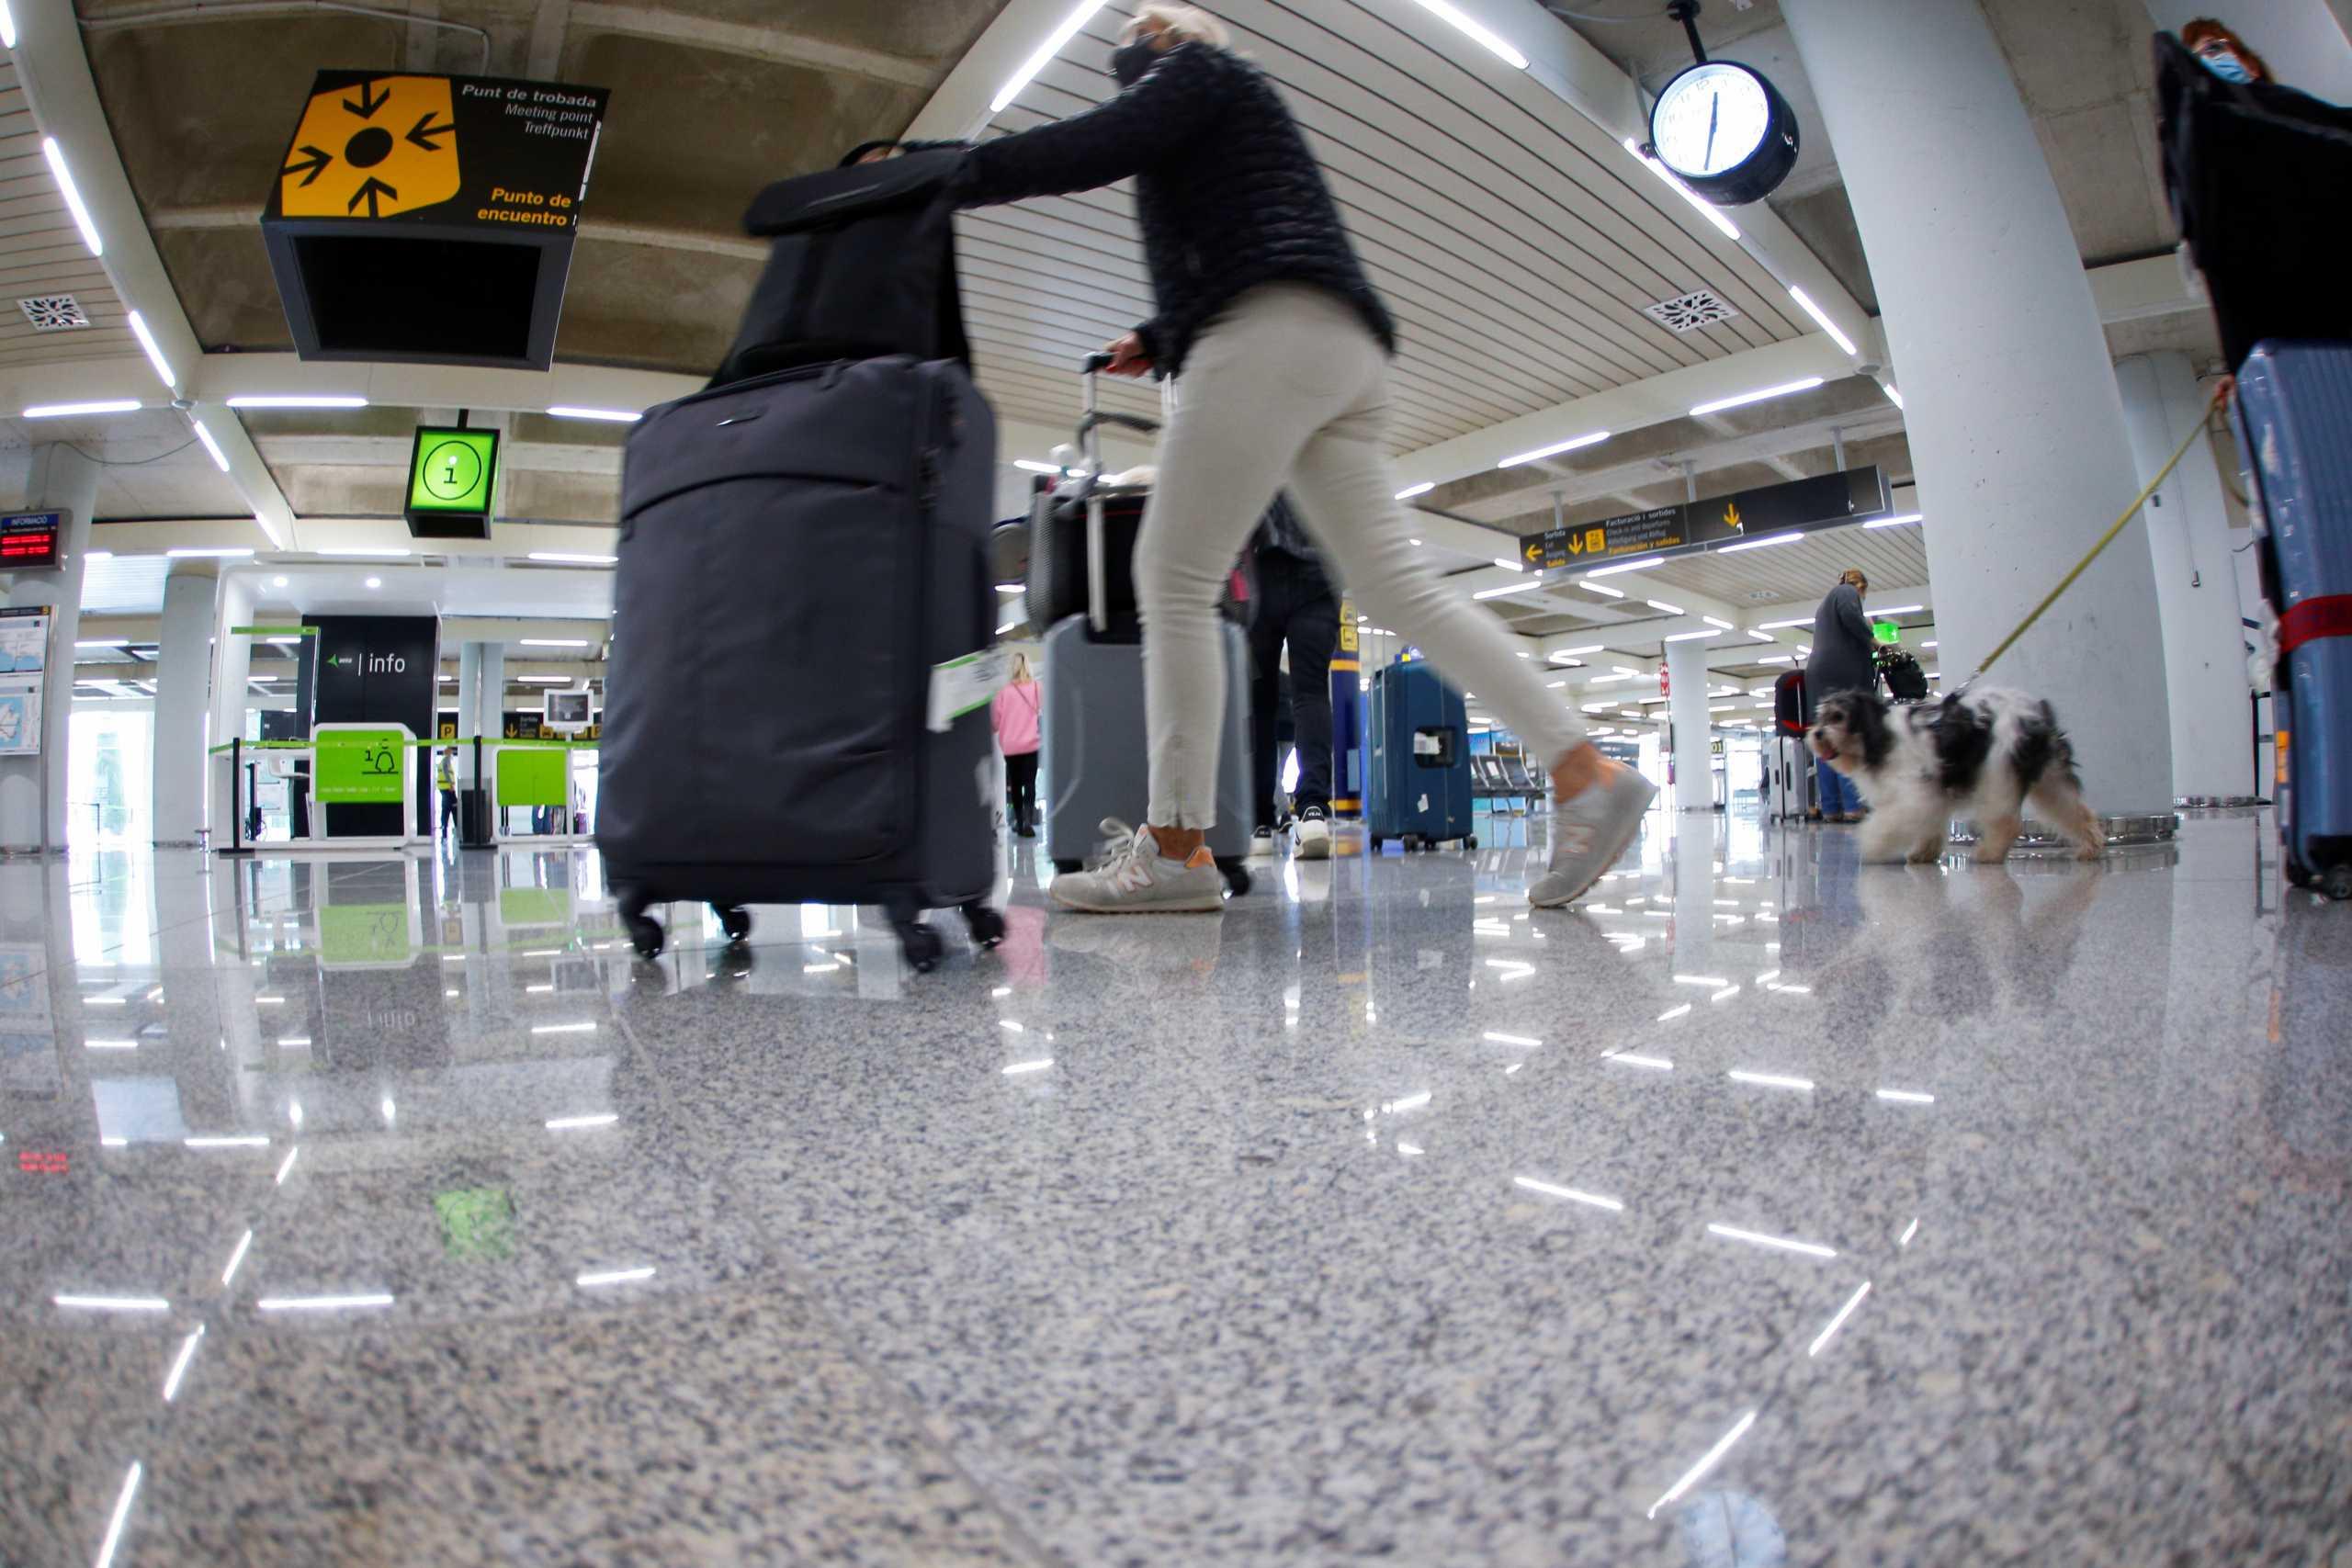 Σύσταση ΗΠΑ για αποφυγή ταξιδιών στην Ελλάδα